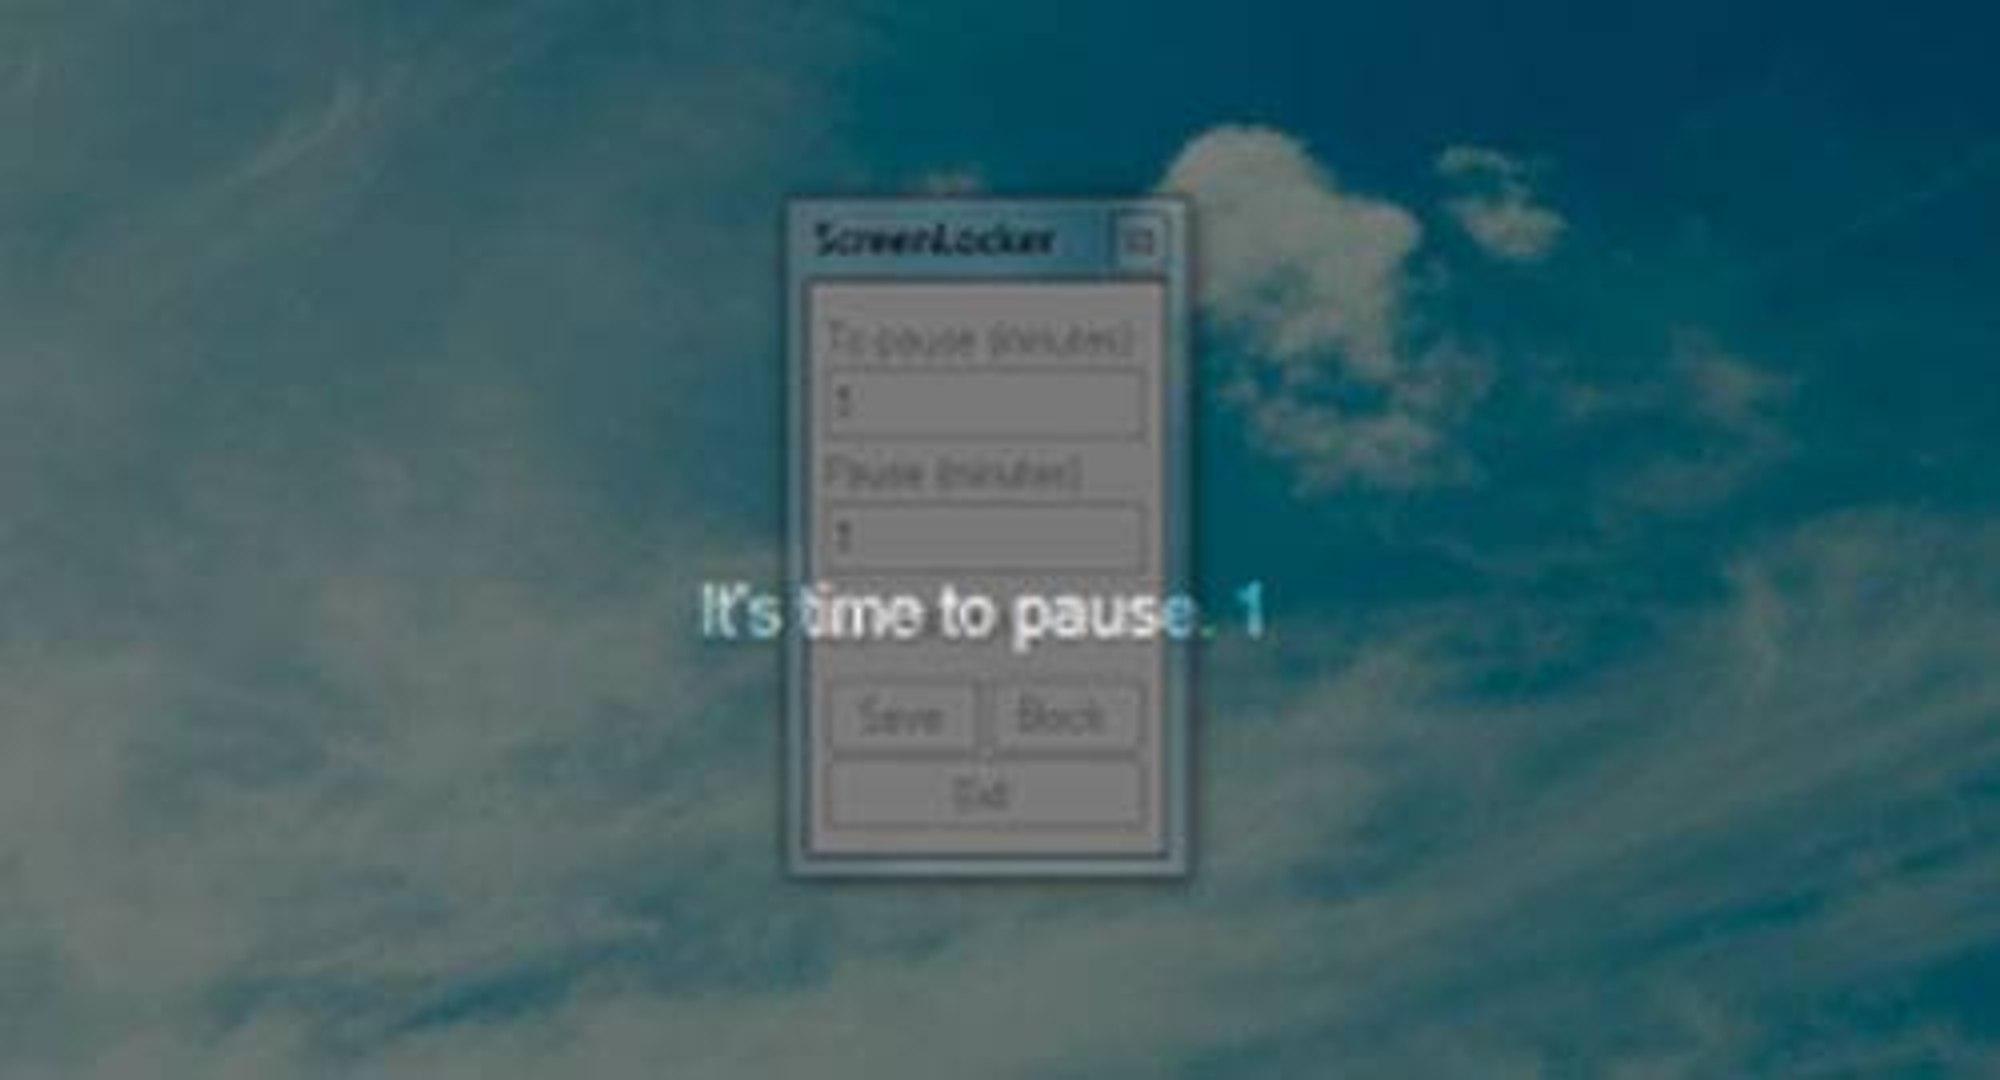 Para workaholics: software te obriga a fazer uma pausa no período estipulado